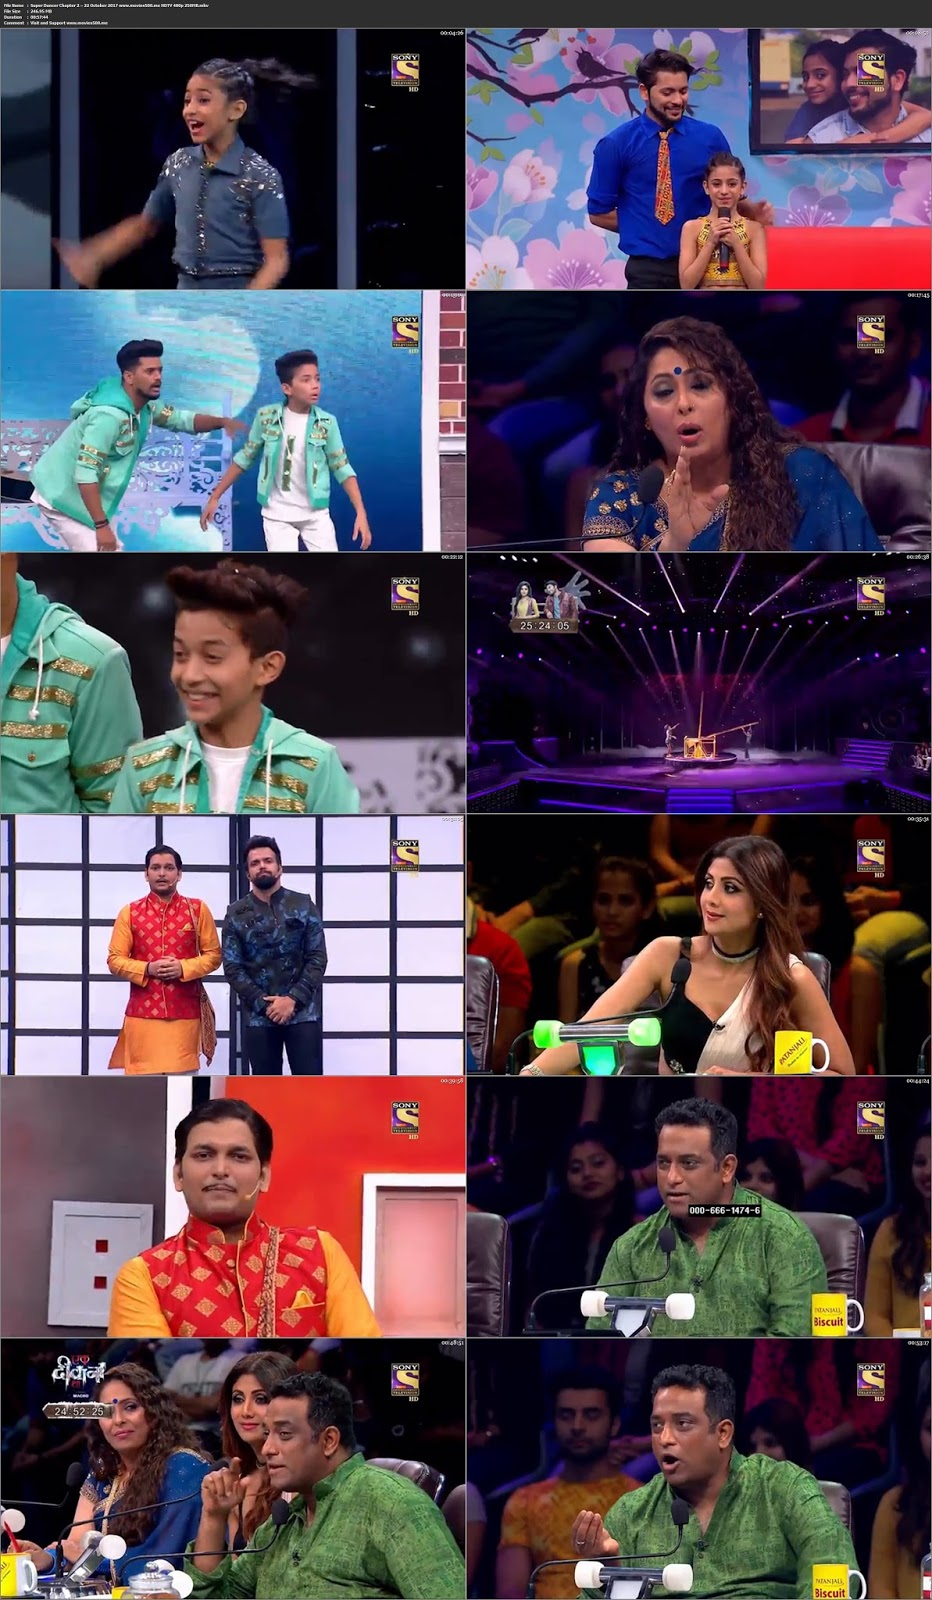 Super Dancer Chapter 2 2017 22 October 246MB HDTV 480p at gileadhomecare.com